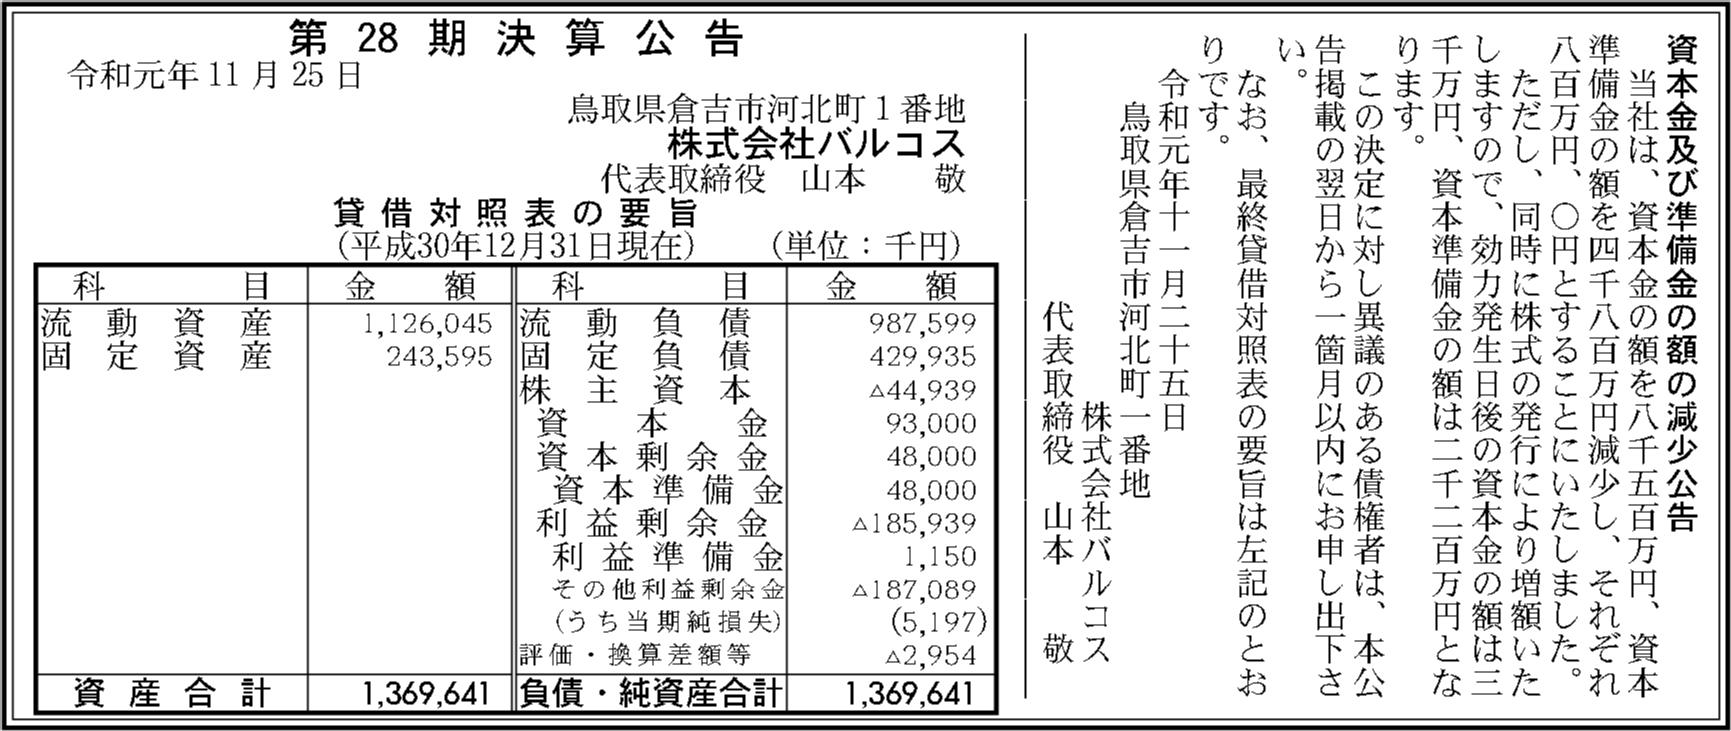 0061 b3a71596951f85873bac7f6f30863c74481036a34586c3f25a7f2f385c7882414394ea1a119196035bc56cfe8037d1203bdcb5c8795f0989a4928c306e2abc92 01